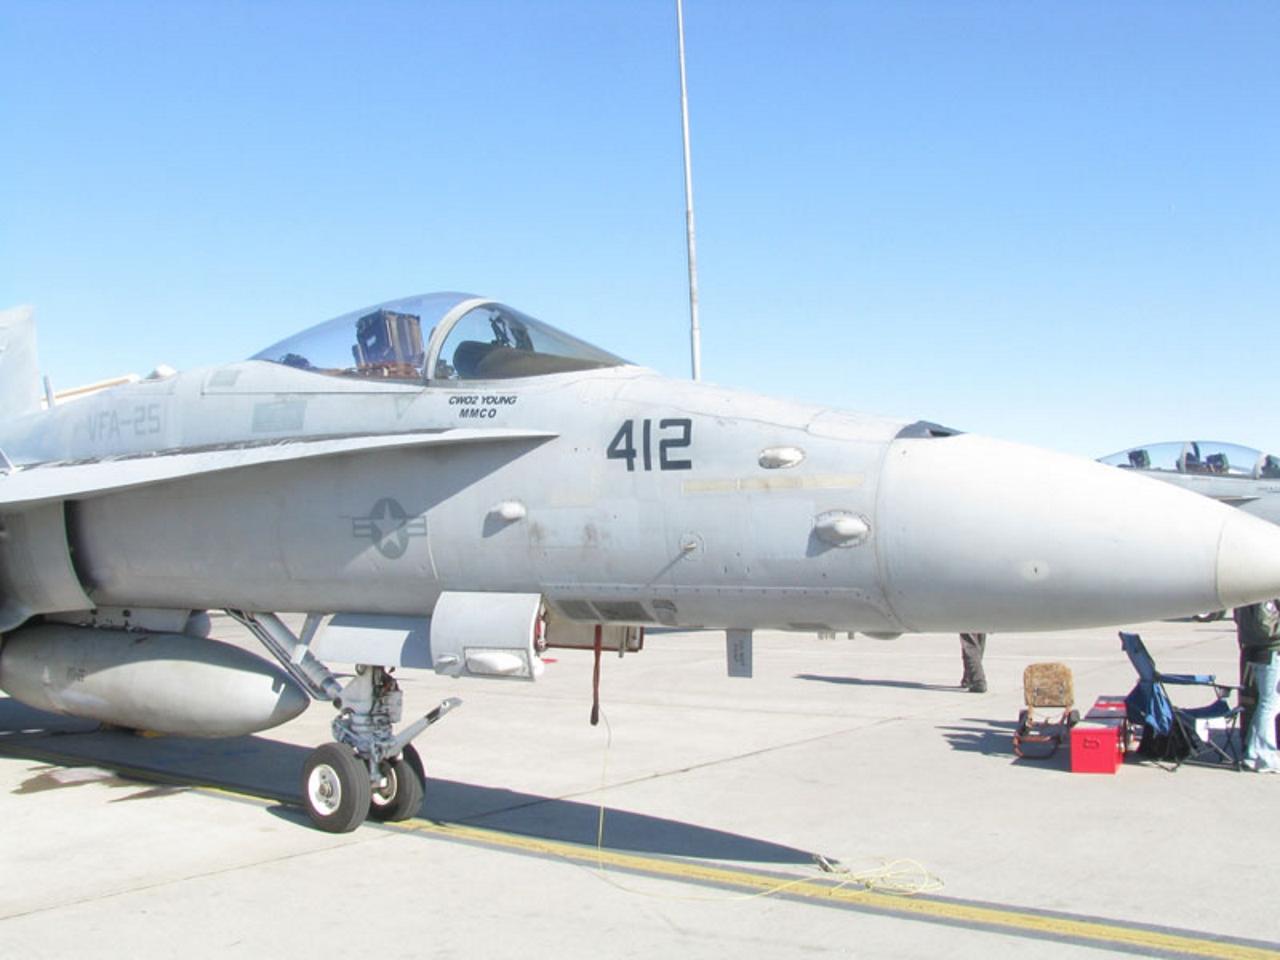 McDonnell-Douglas FA-18 Hornet etc